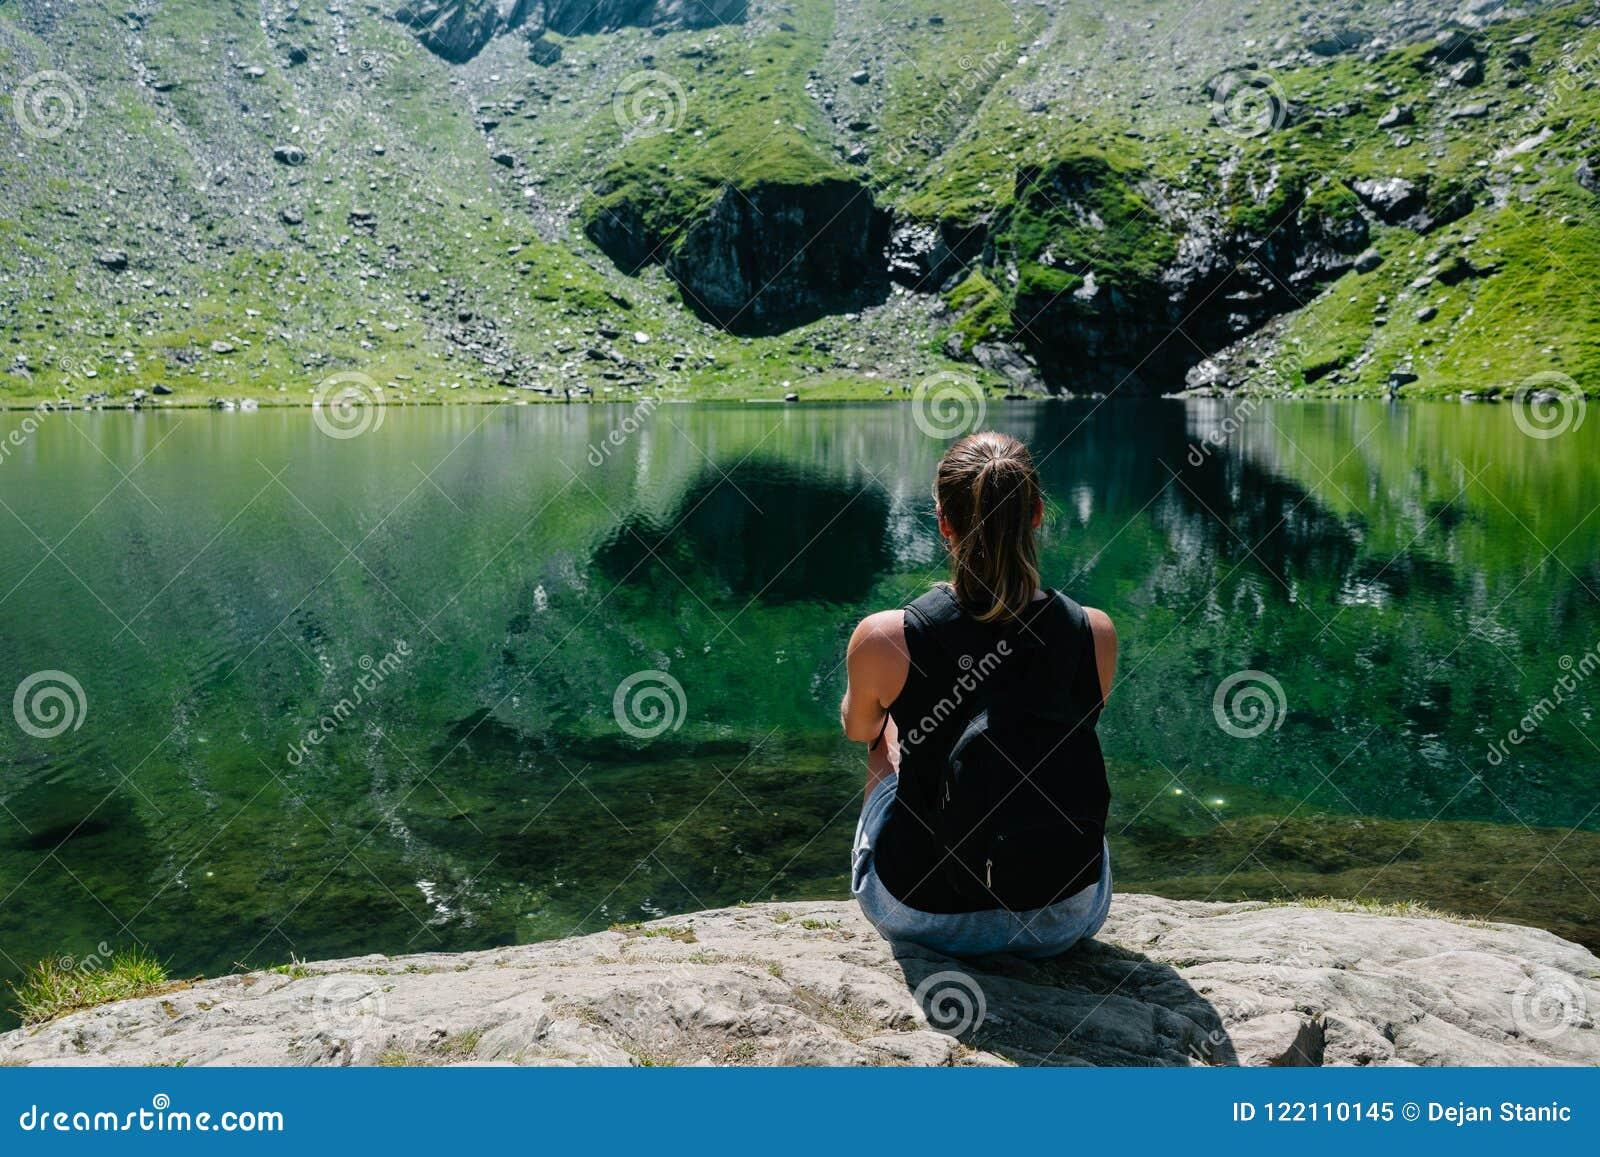 Ein Mädchen, das auf einem Felsen, eine großartige Ansicht des Berges betrachtend sitzt, der im See sich reflektiert